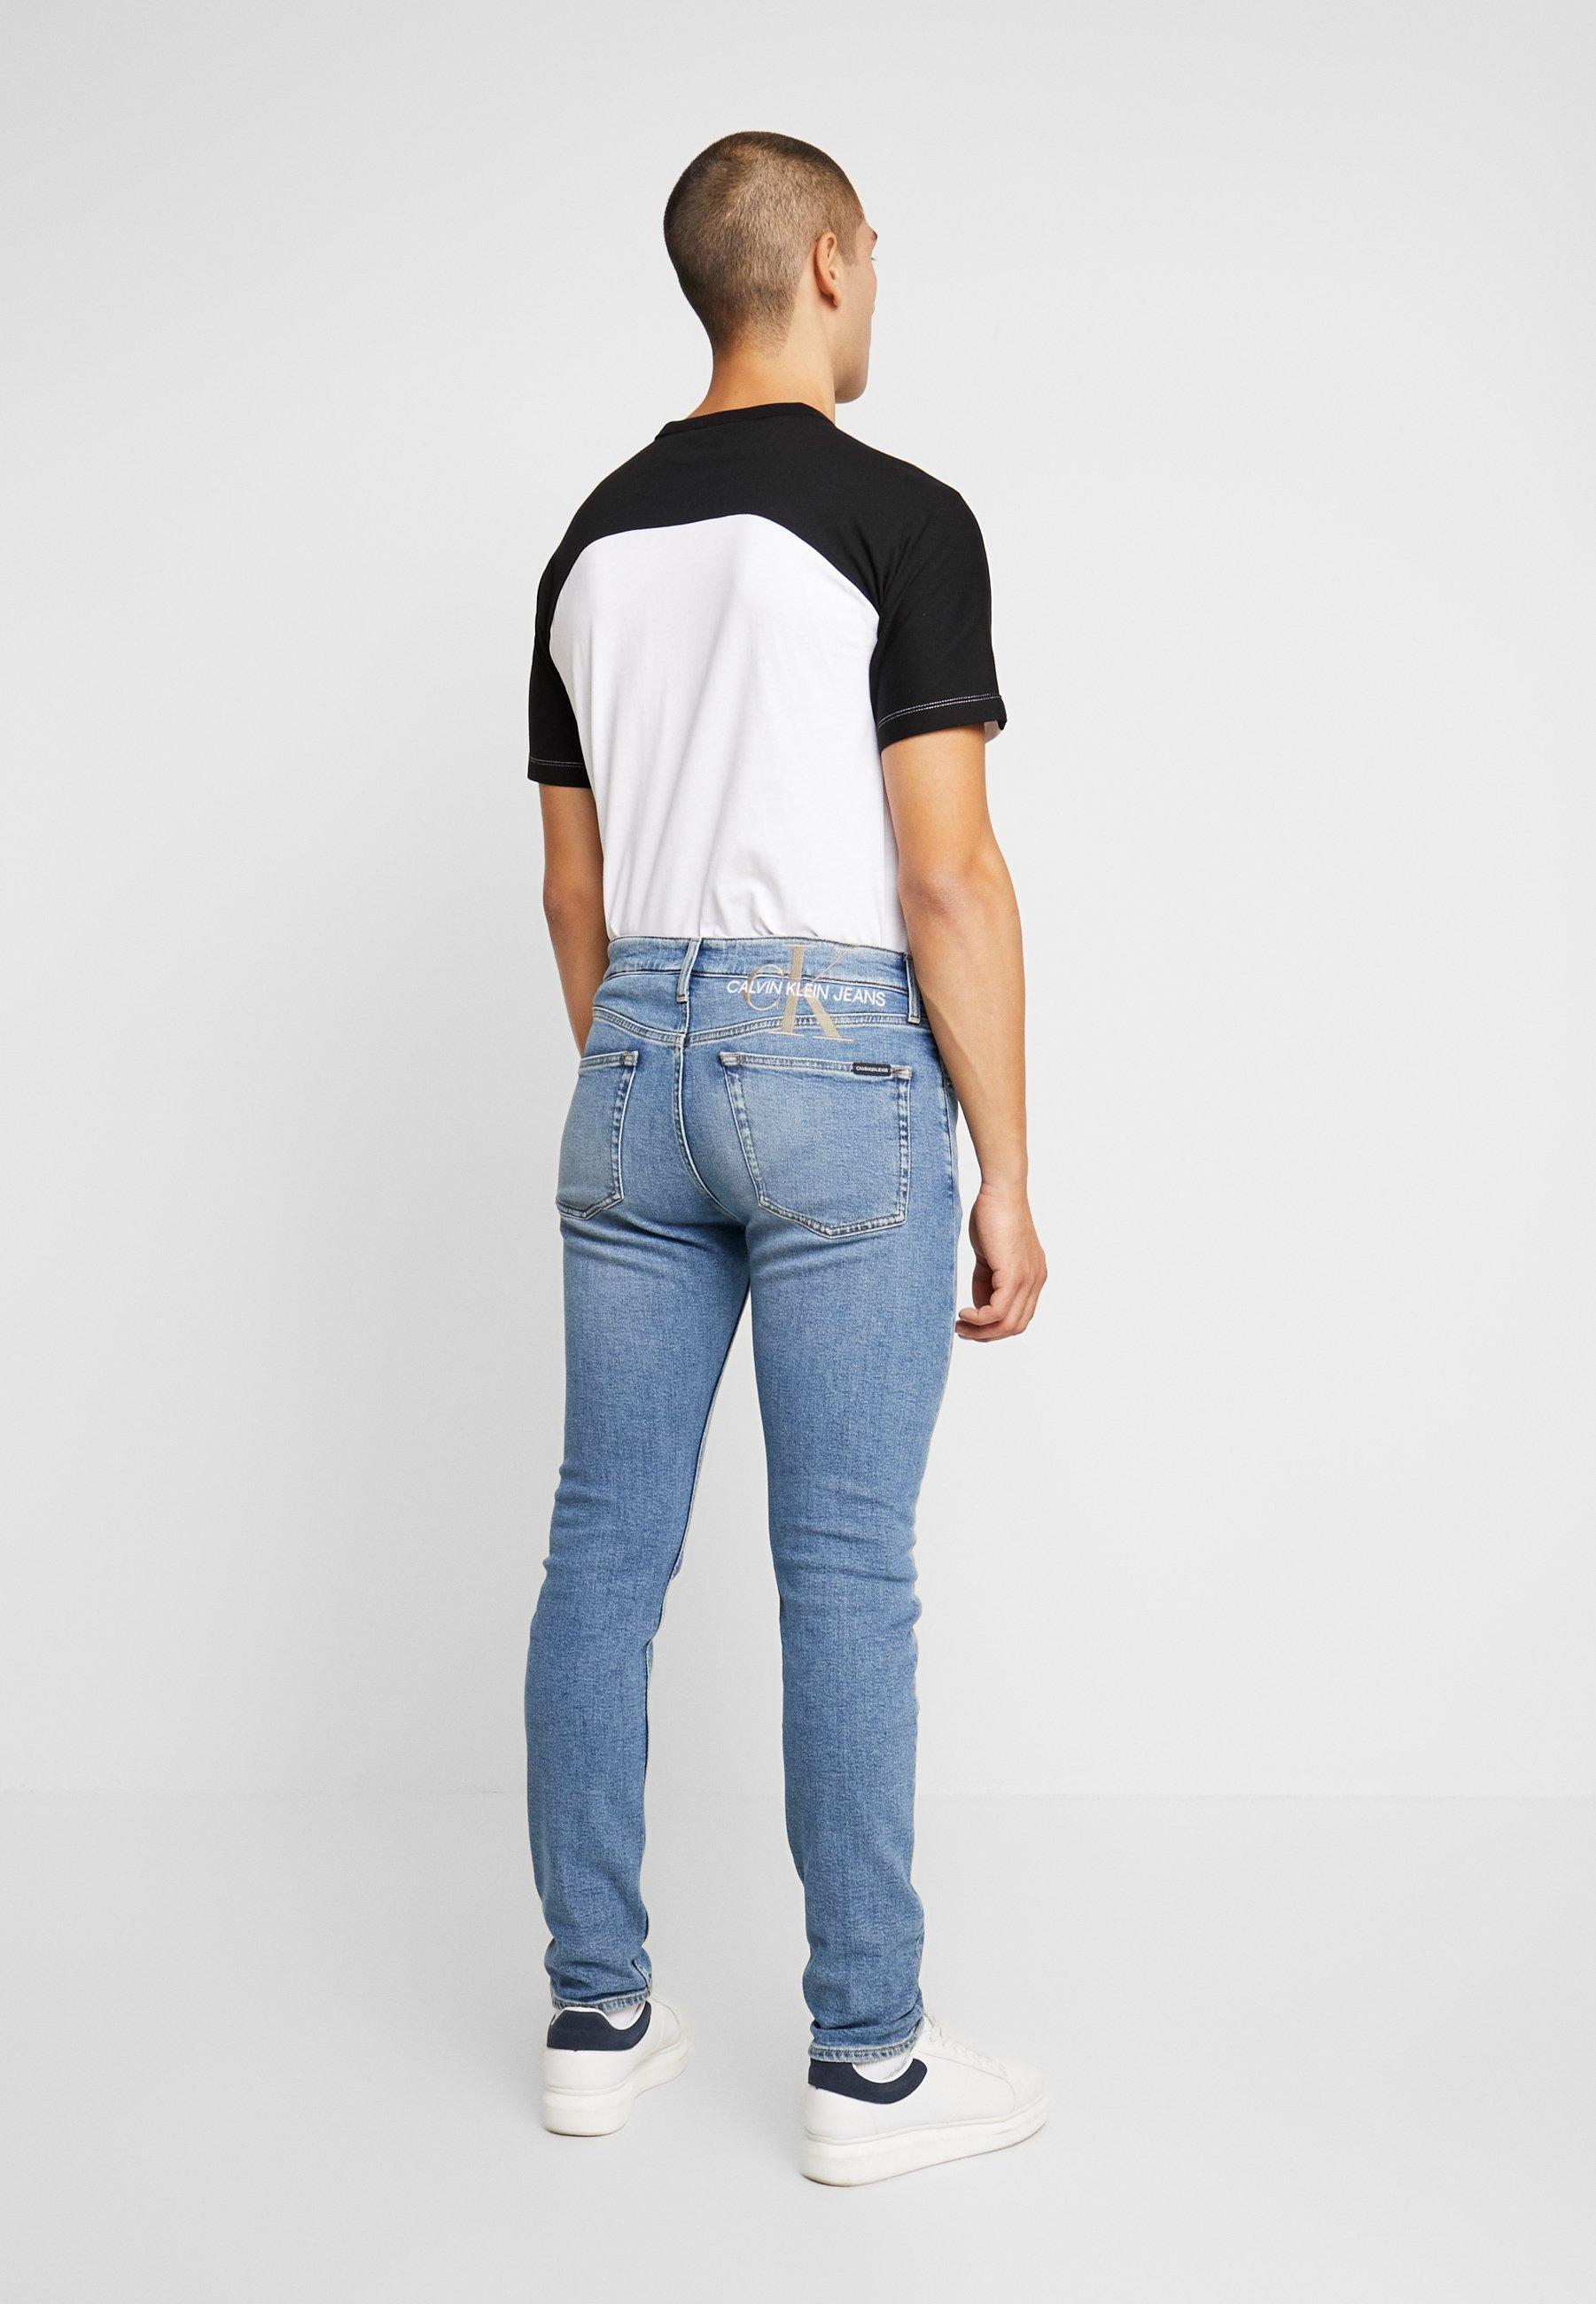 Alkuperäinen Miesten vaatteet Sarja dfKJIUp97454sfGHYHD Calvin Klein Jeans SLIM TAPER Tapered-Farkut mid blue